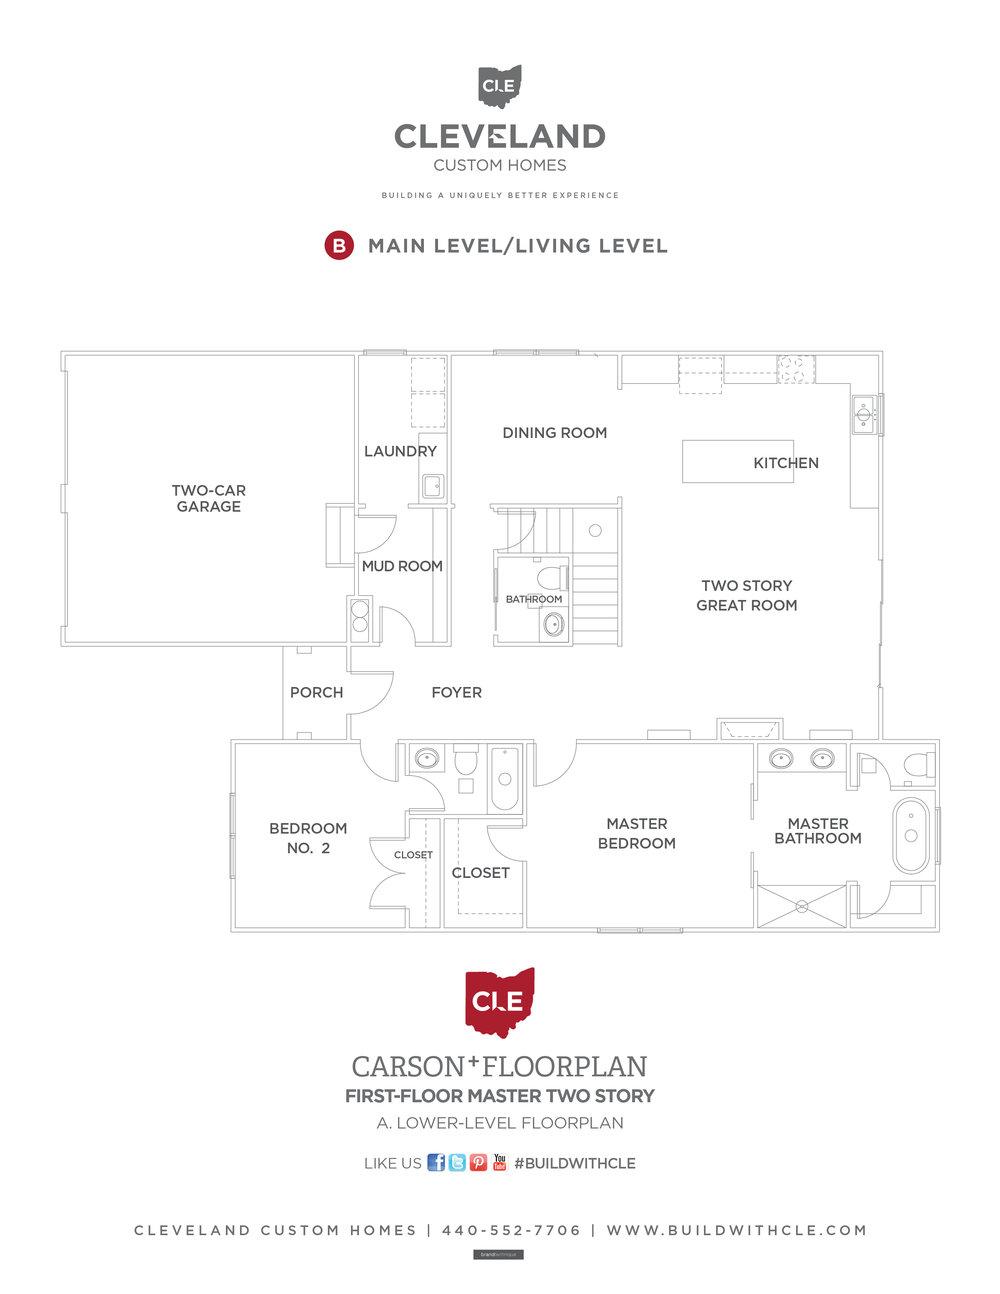 18-2535_CLE_Floorplans19.jpg